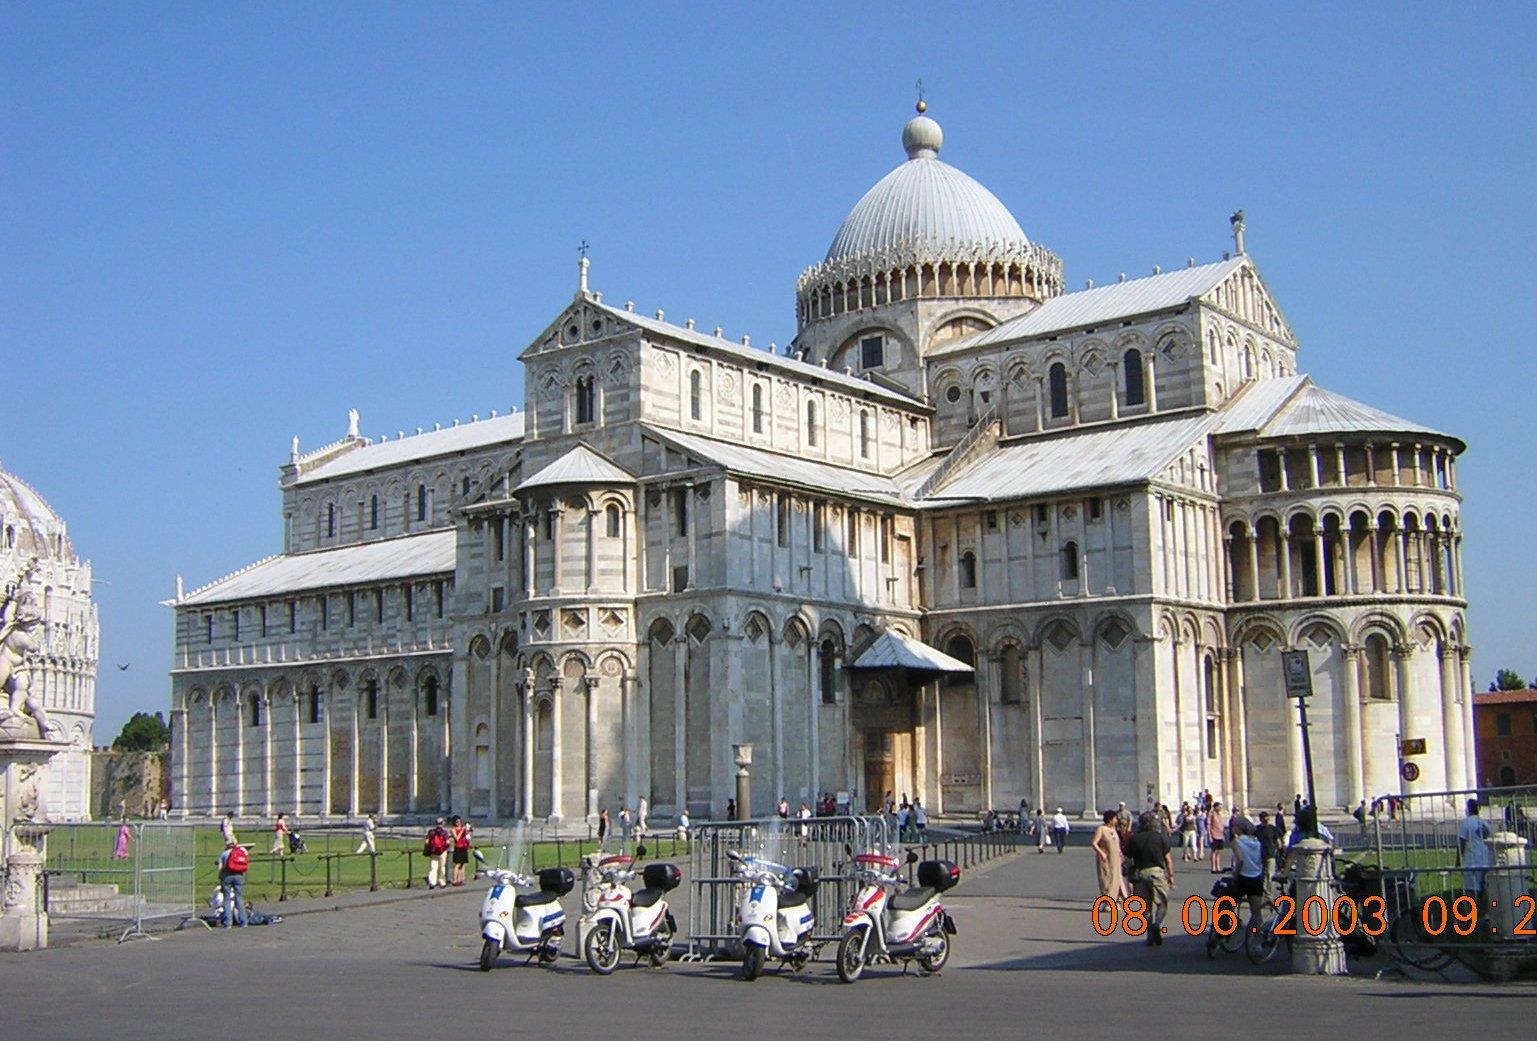 Itálie - Toskánsko - Pisa, dóm v pisánském románském slohu, budován od roku 1064